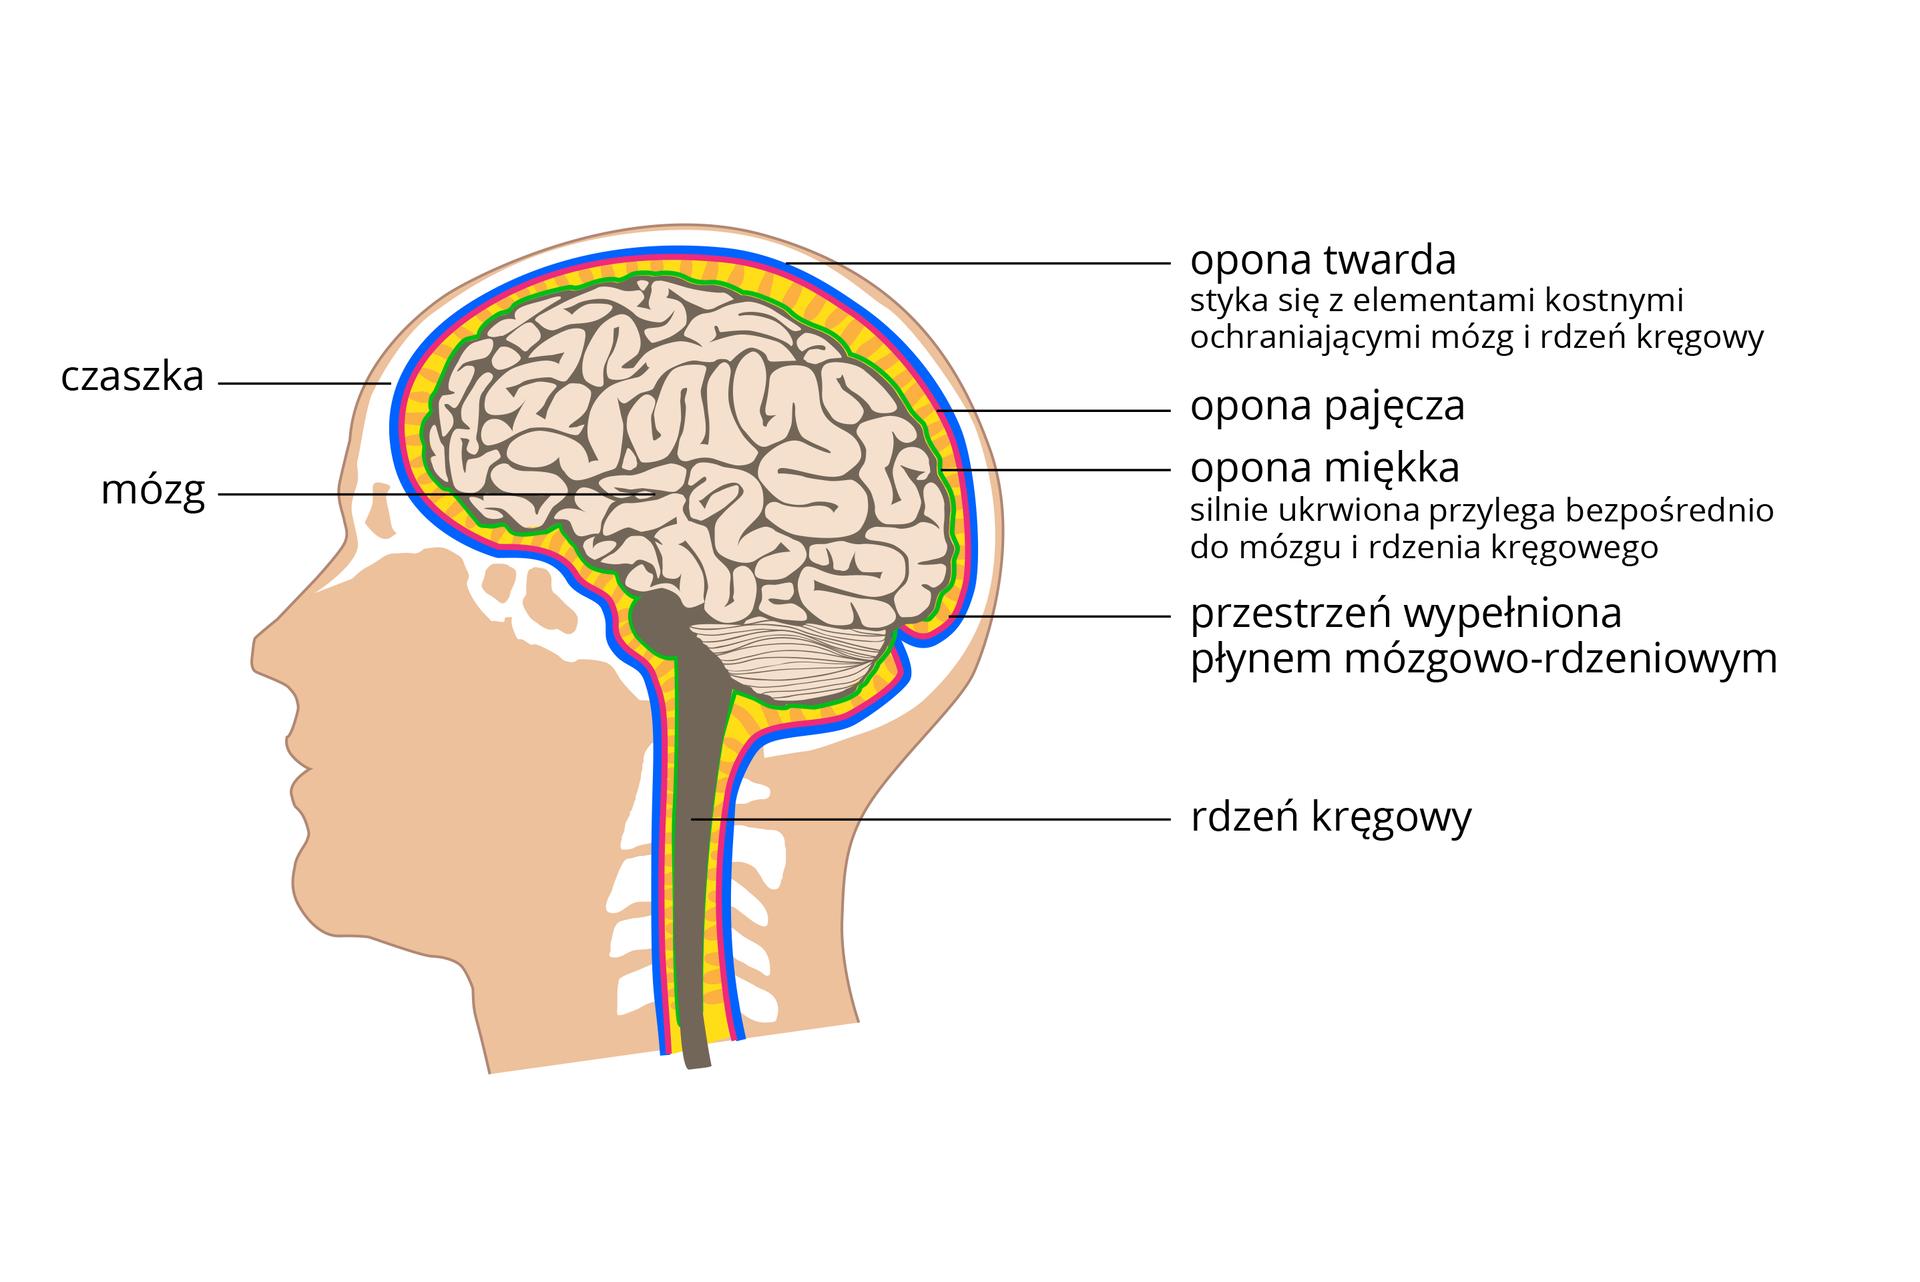 Ilustracja przedstawia wróżowej sylwetce głowy elementy ochrony ośrodkowego układu nerwowego. Na biało zaznaczono elementy kostne. Mózg ma postać szarych zwojów. Móżdżek kreskowanego półkola. Pień mózgu irdzeń kręgowy wkolorze ciemnobrązowym. Wszystkie te części są chronione wten sam sposób. Od zewnątrz: niebieska opona twarda, przylega do kości. Pod nią czerwona opona pajęcza izielona ukrwiona opona miękka. Między nimi żółty paskowany płyn mózgowo – rdzeniowy.